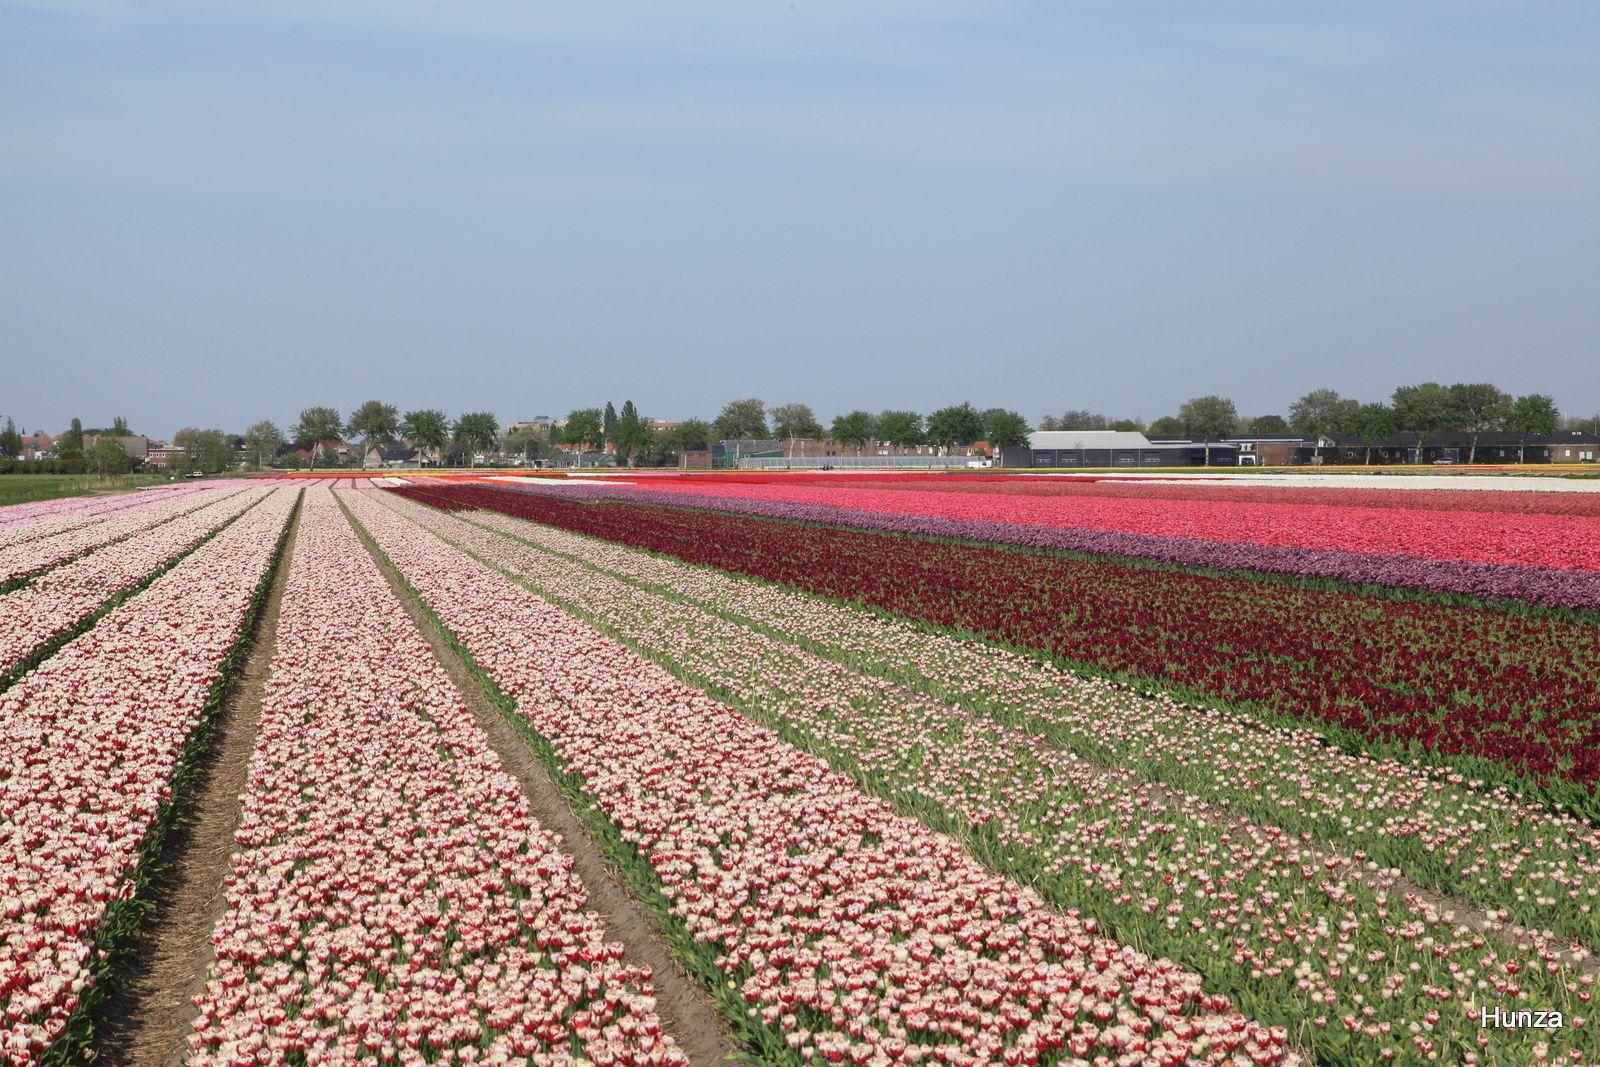 Visiter Keukenhof et voir des champs de tulipes près d'Amsterdam